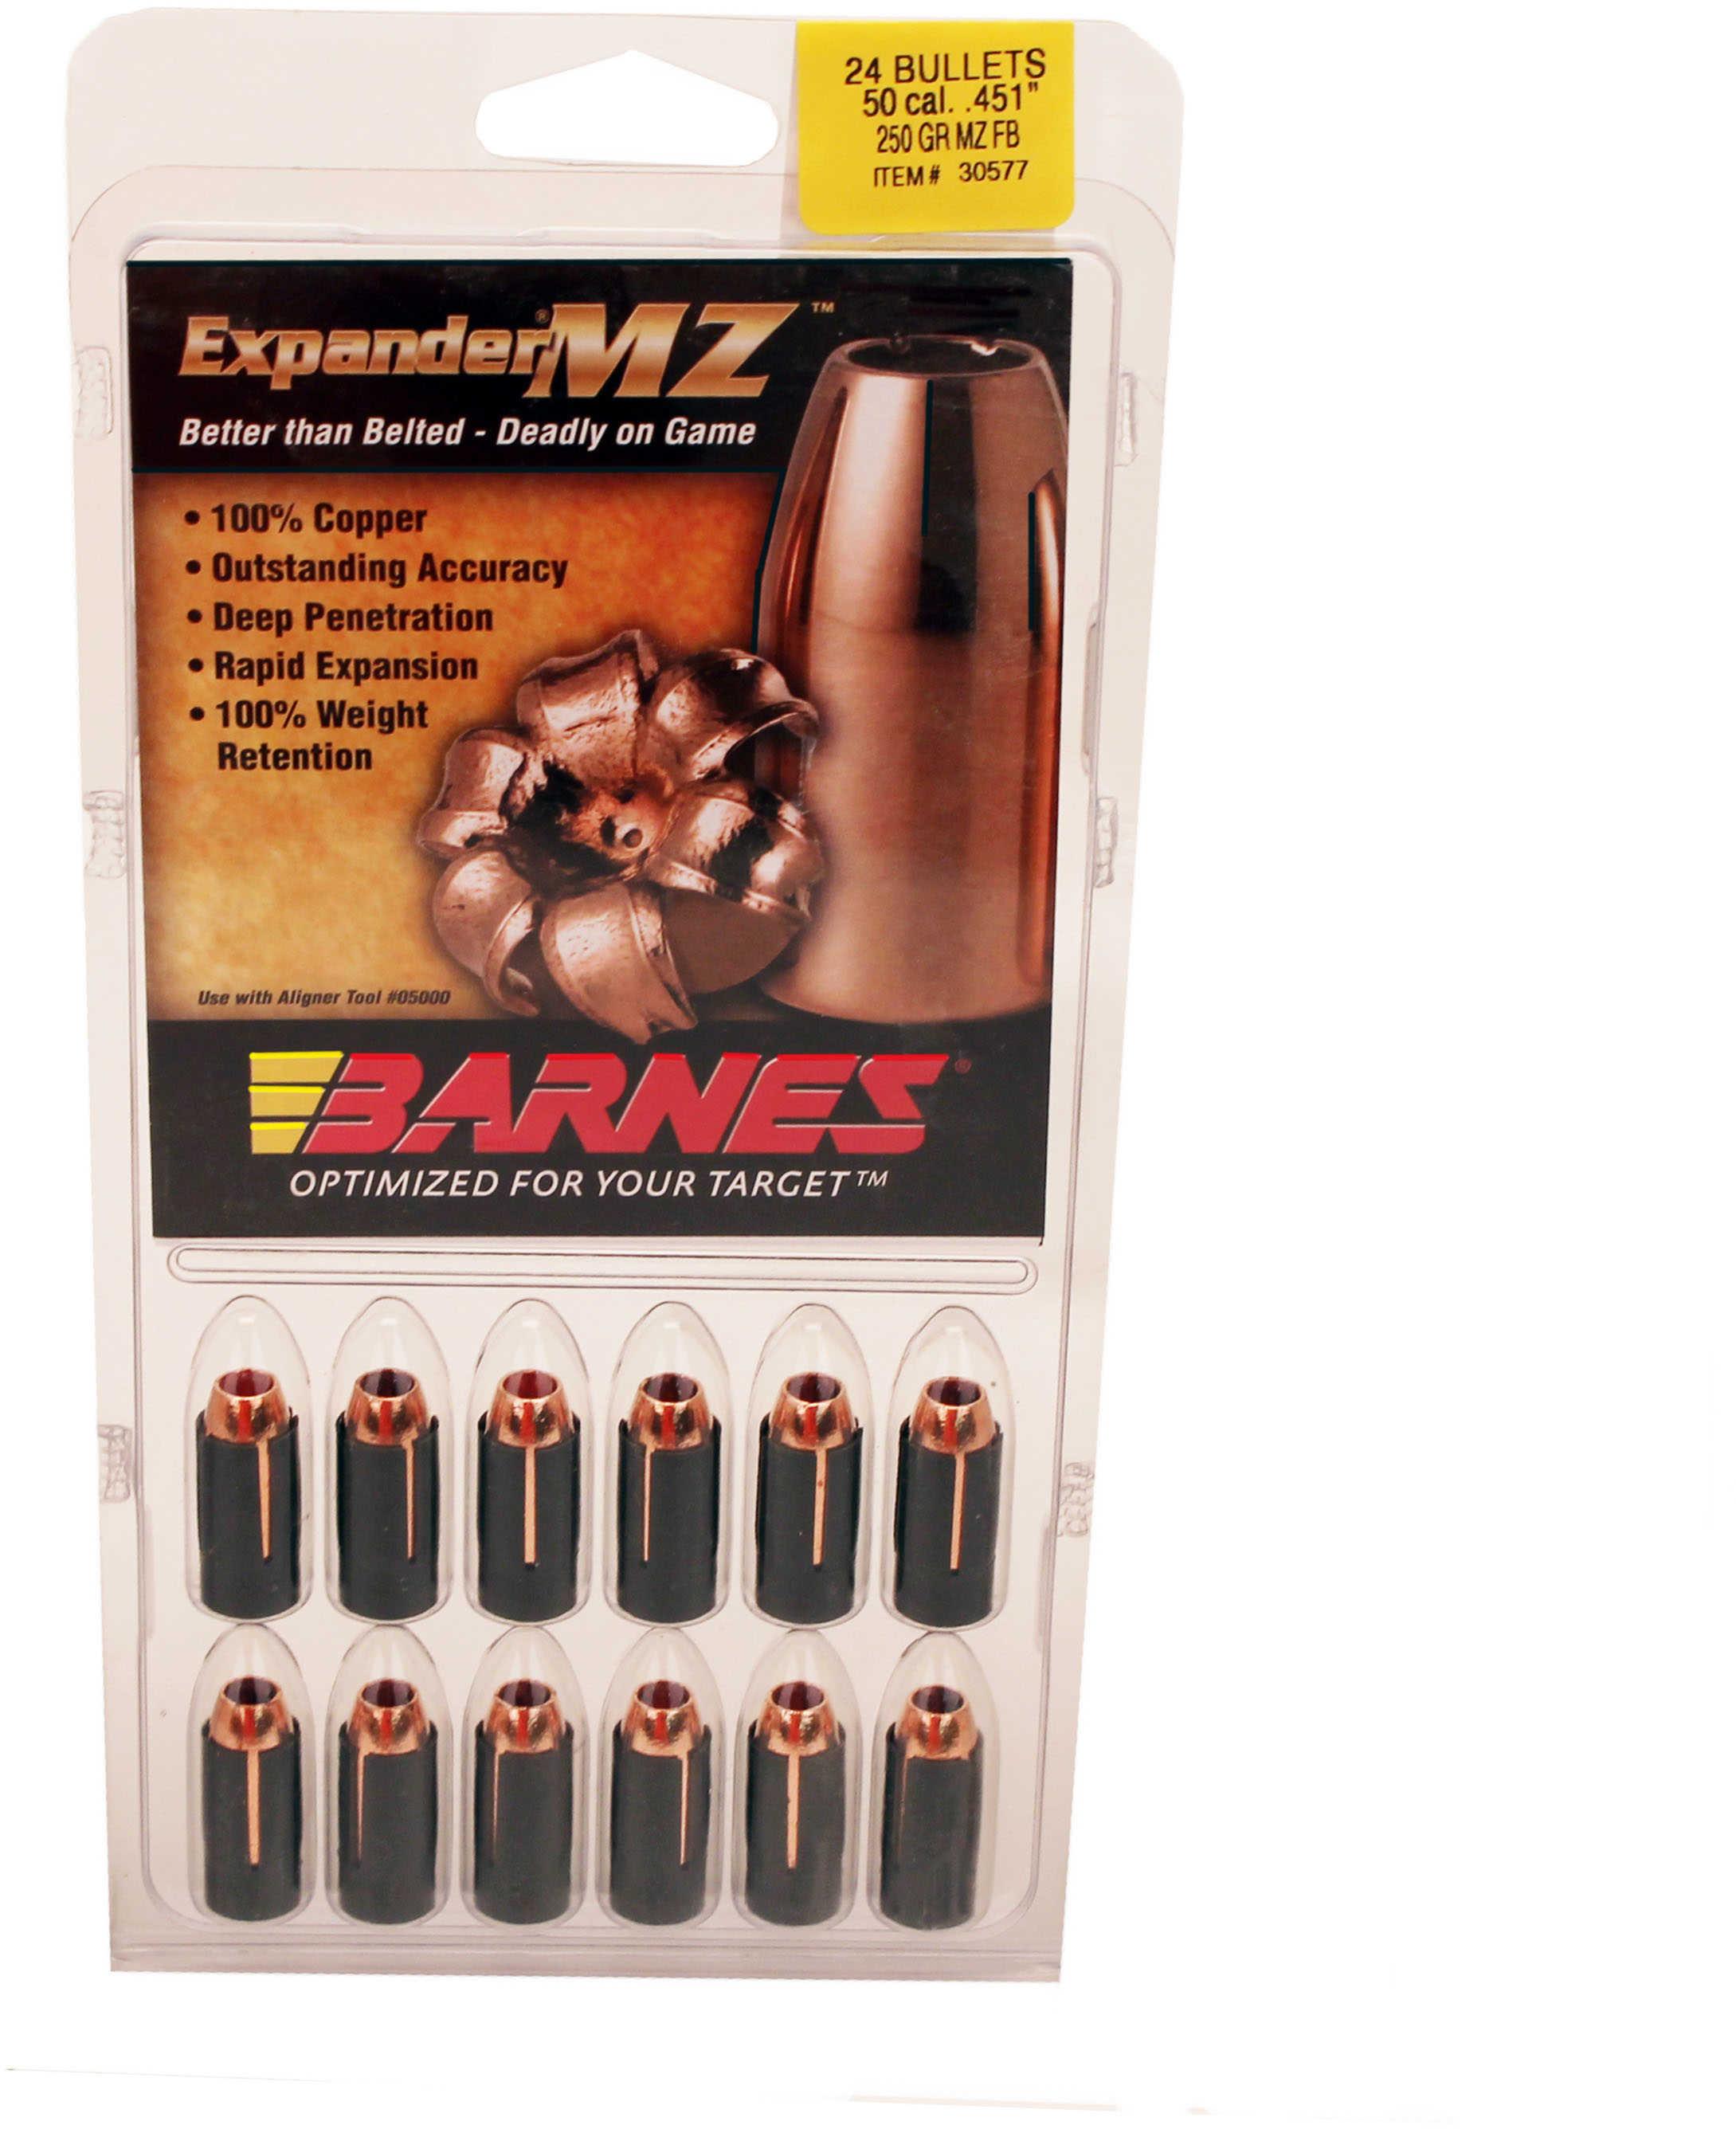 Barnes 50 Caliber Expander MZ Bullets 285 Grain Spitfire Muzzleloader Per 15 Md: 45128